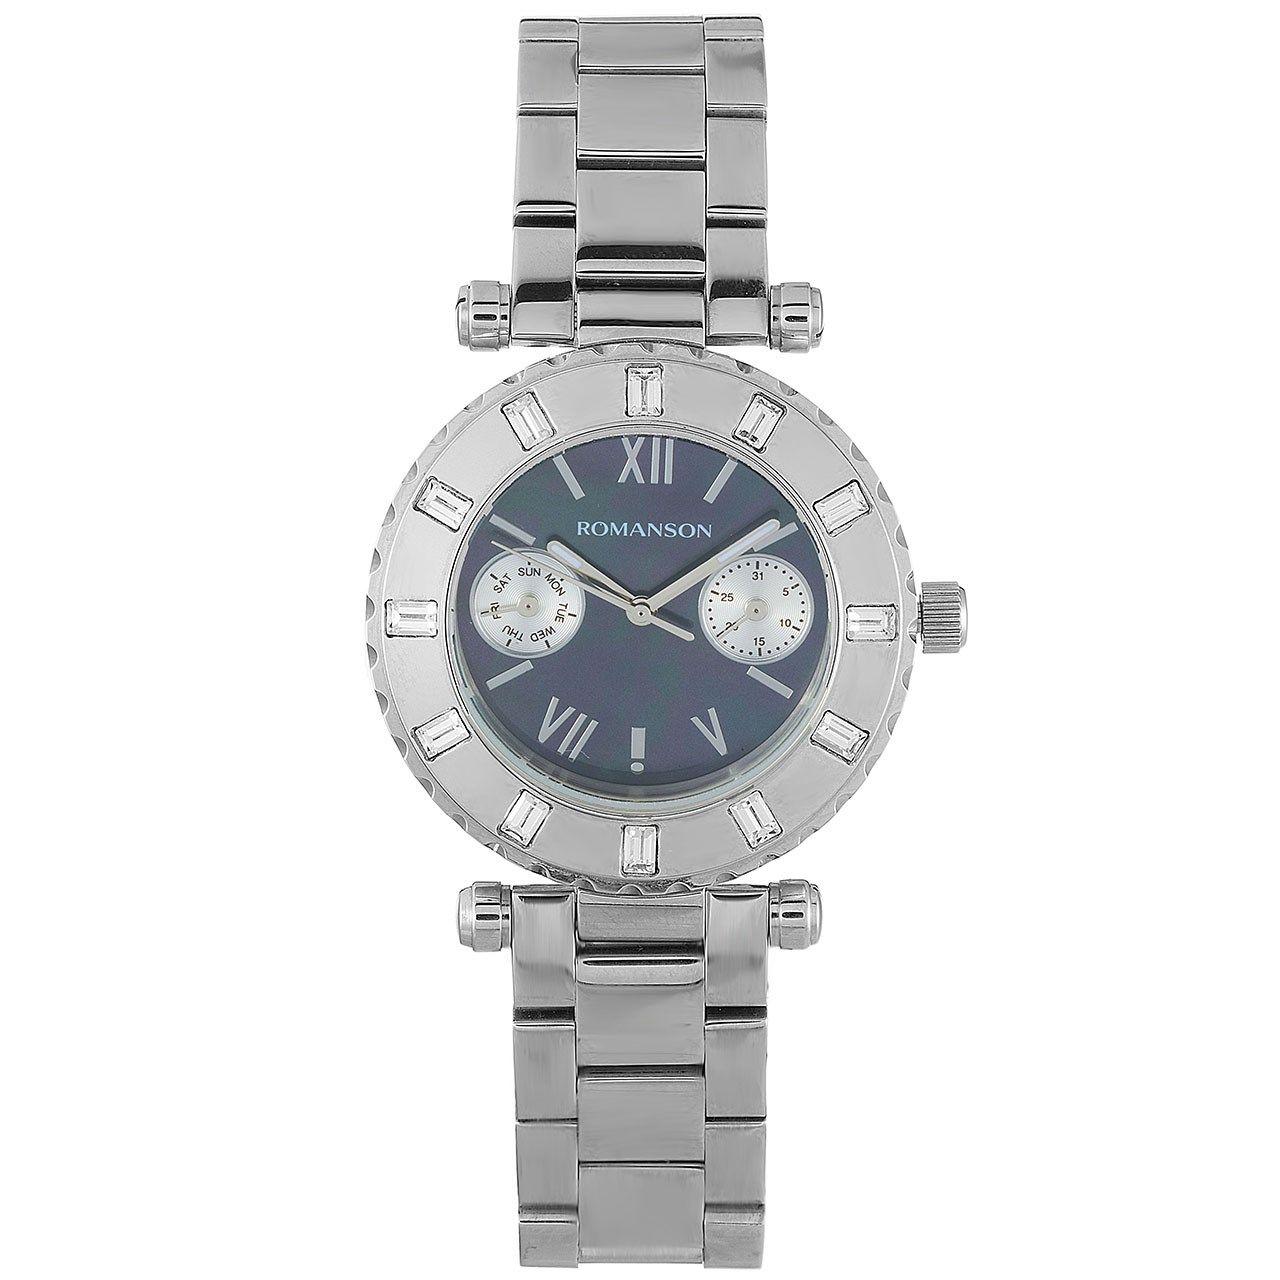 ساعت مچی عقربه ای زنانه رومانسون مدل RM0379TL1WM32W -  - 1